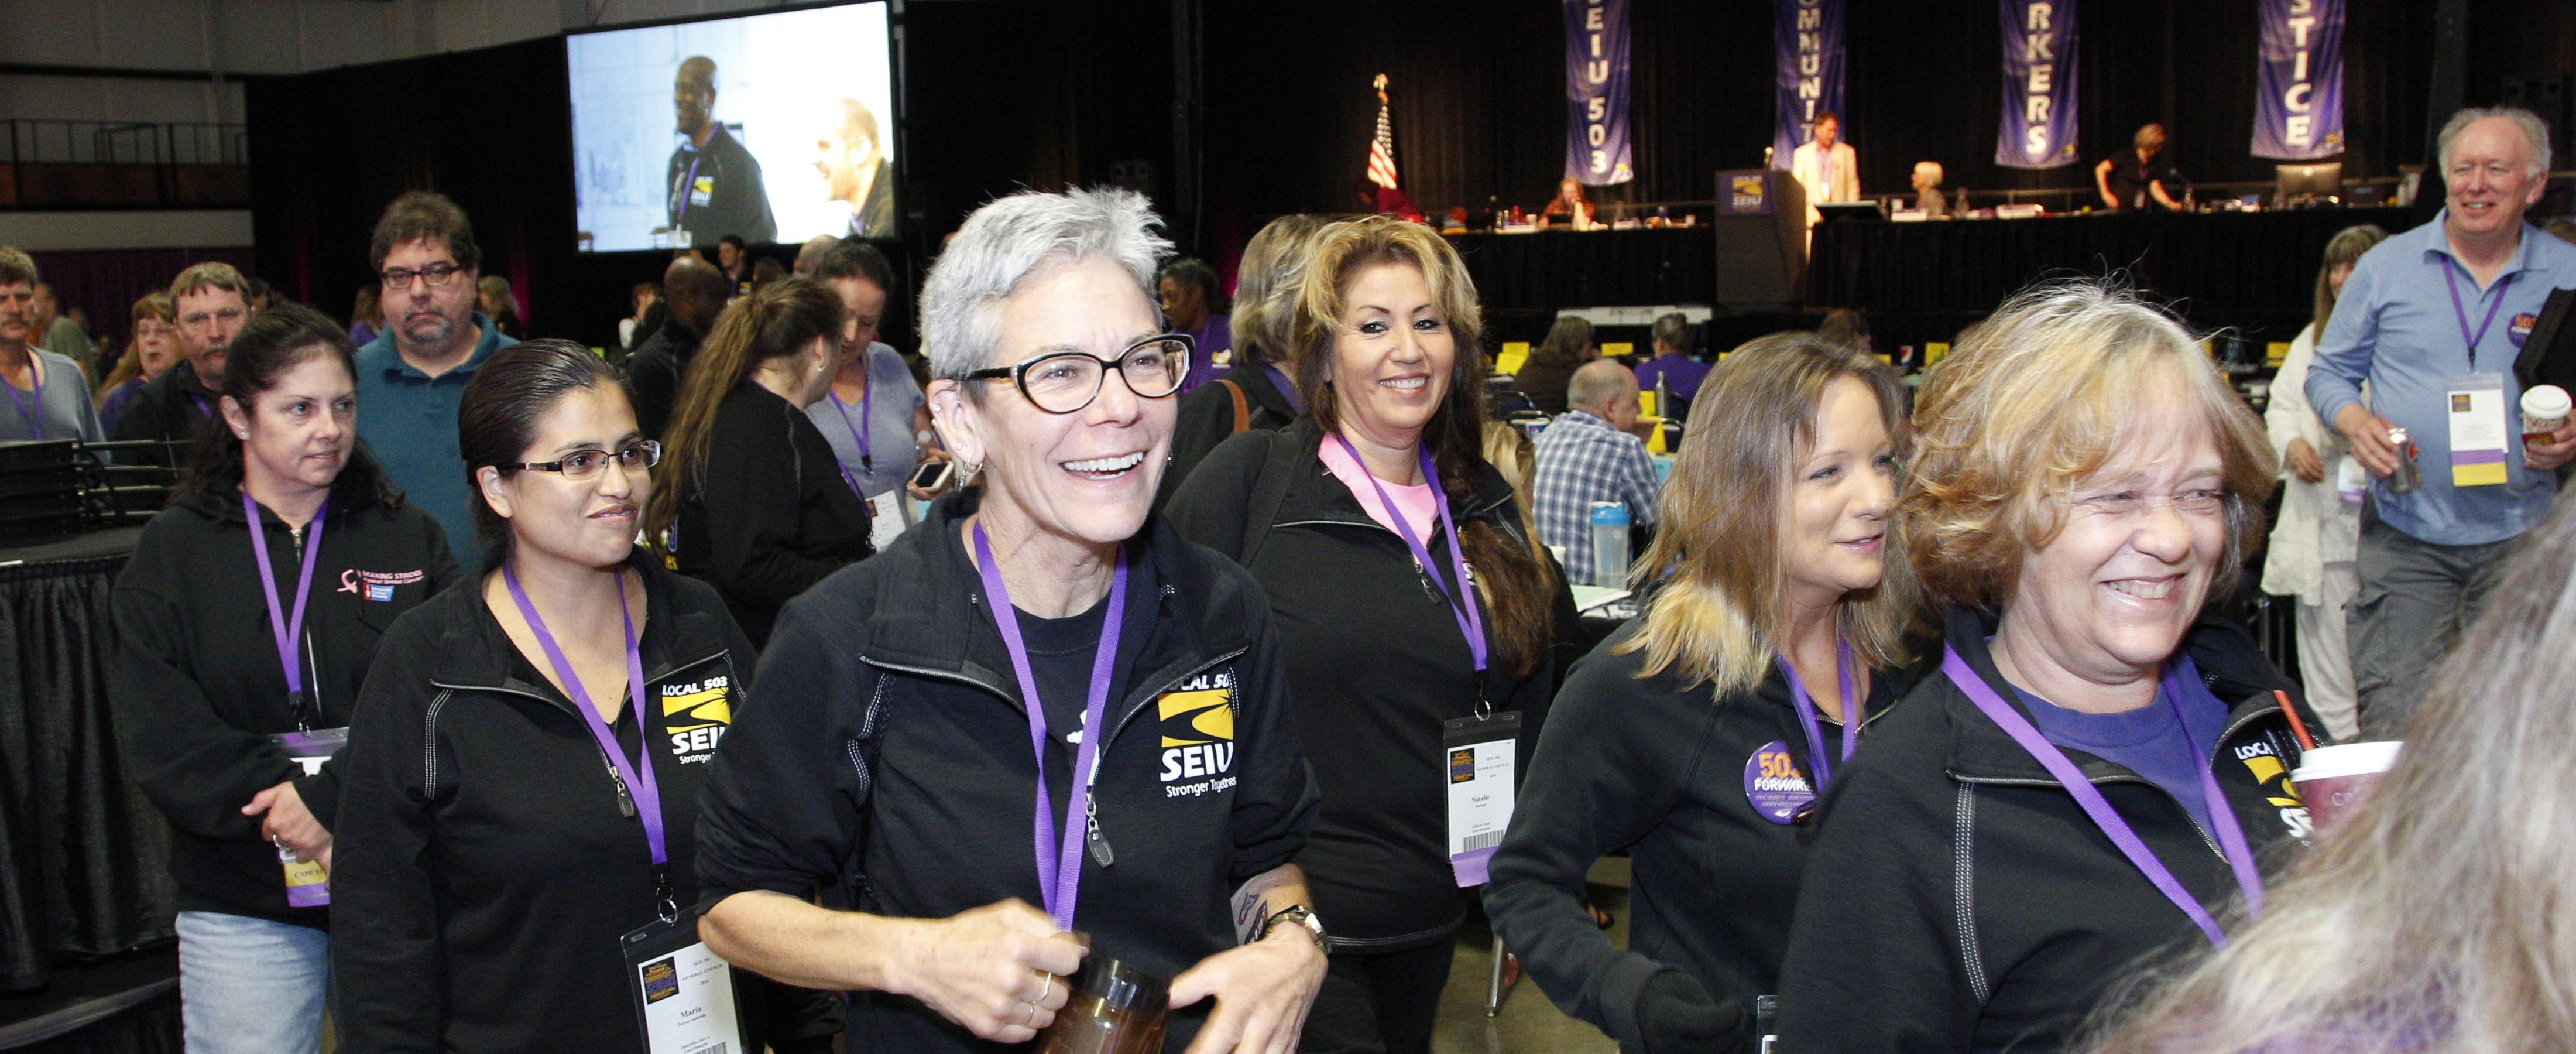 Un grupo de líderes miembros de SEIU con blusas negras y cordones morados, hace fila, sonríe y habla, durante una convención del Concilio General.